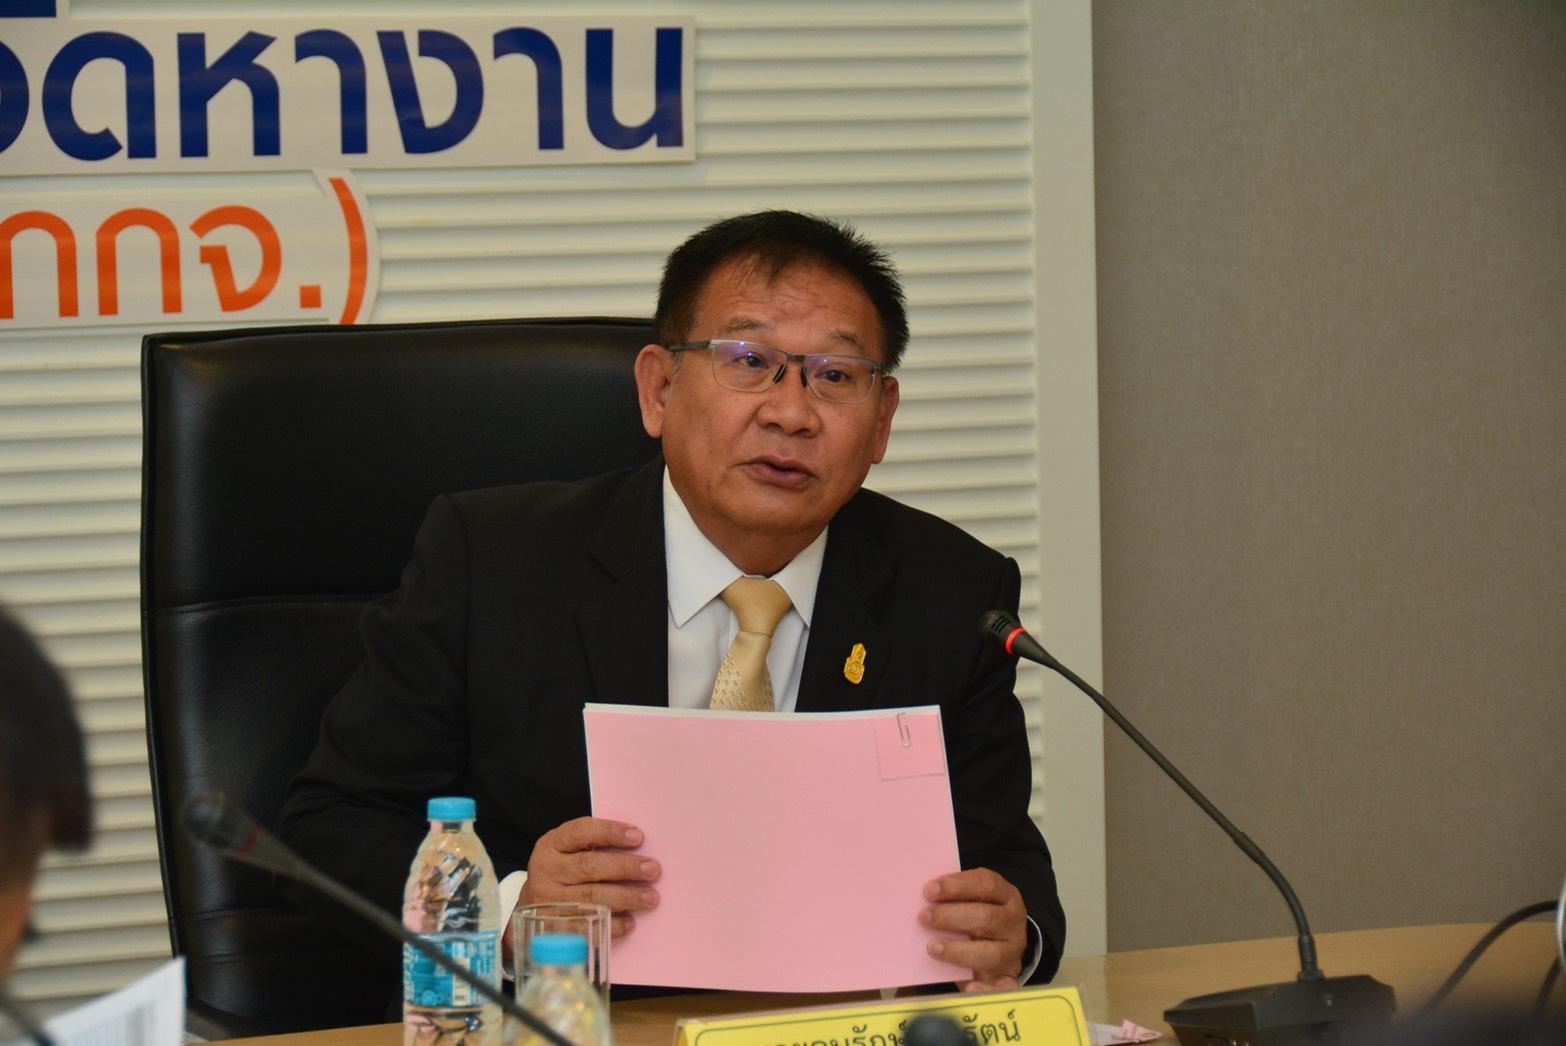 กระทรวงแรงงาน เดินหน้าถกแนวทางการจ้างแรงงานต่างด้าวสัญชาติเวียดนาม  ครั้งที่ 2